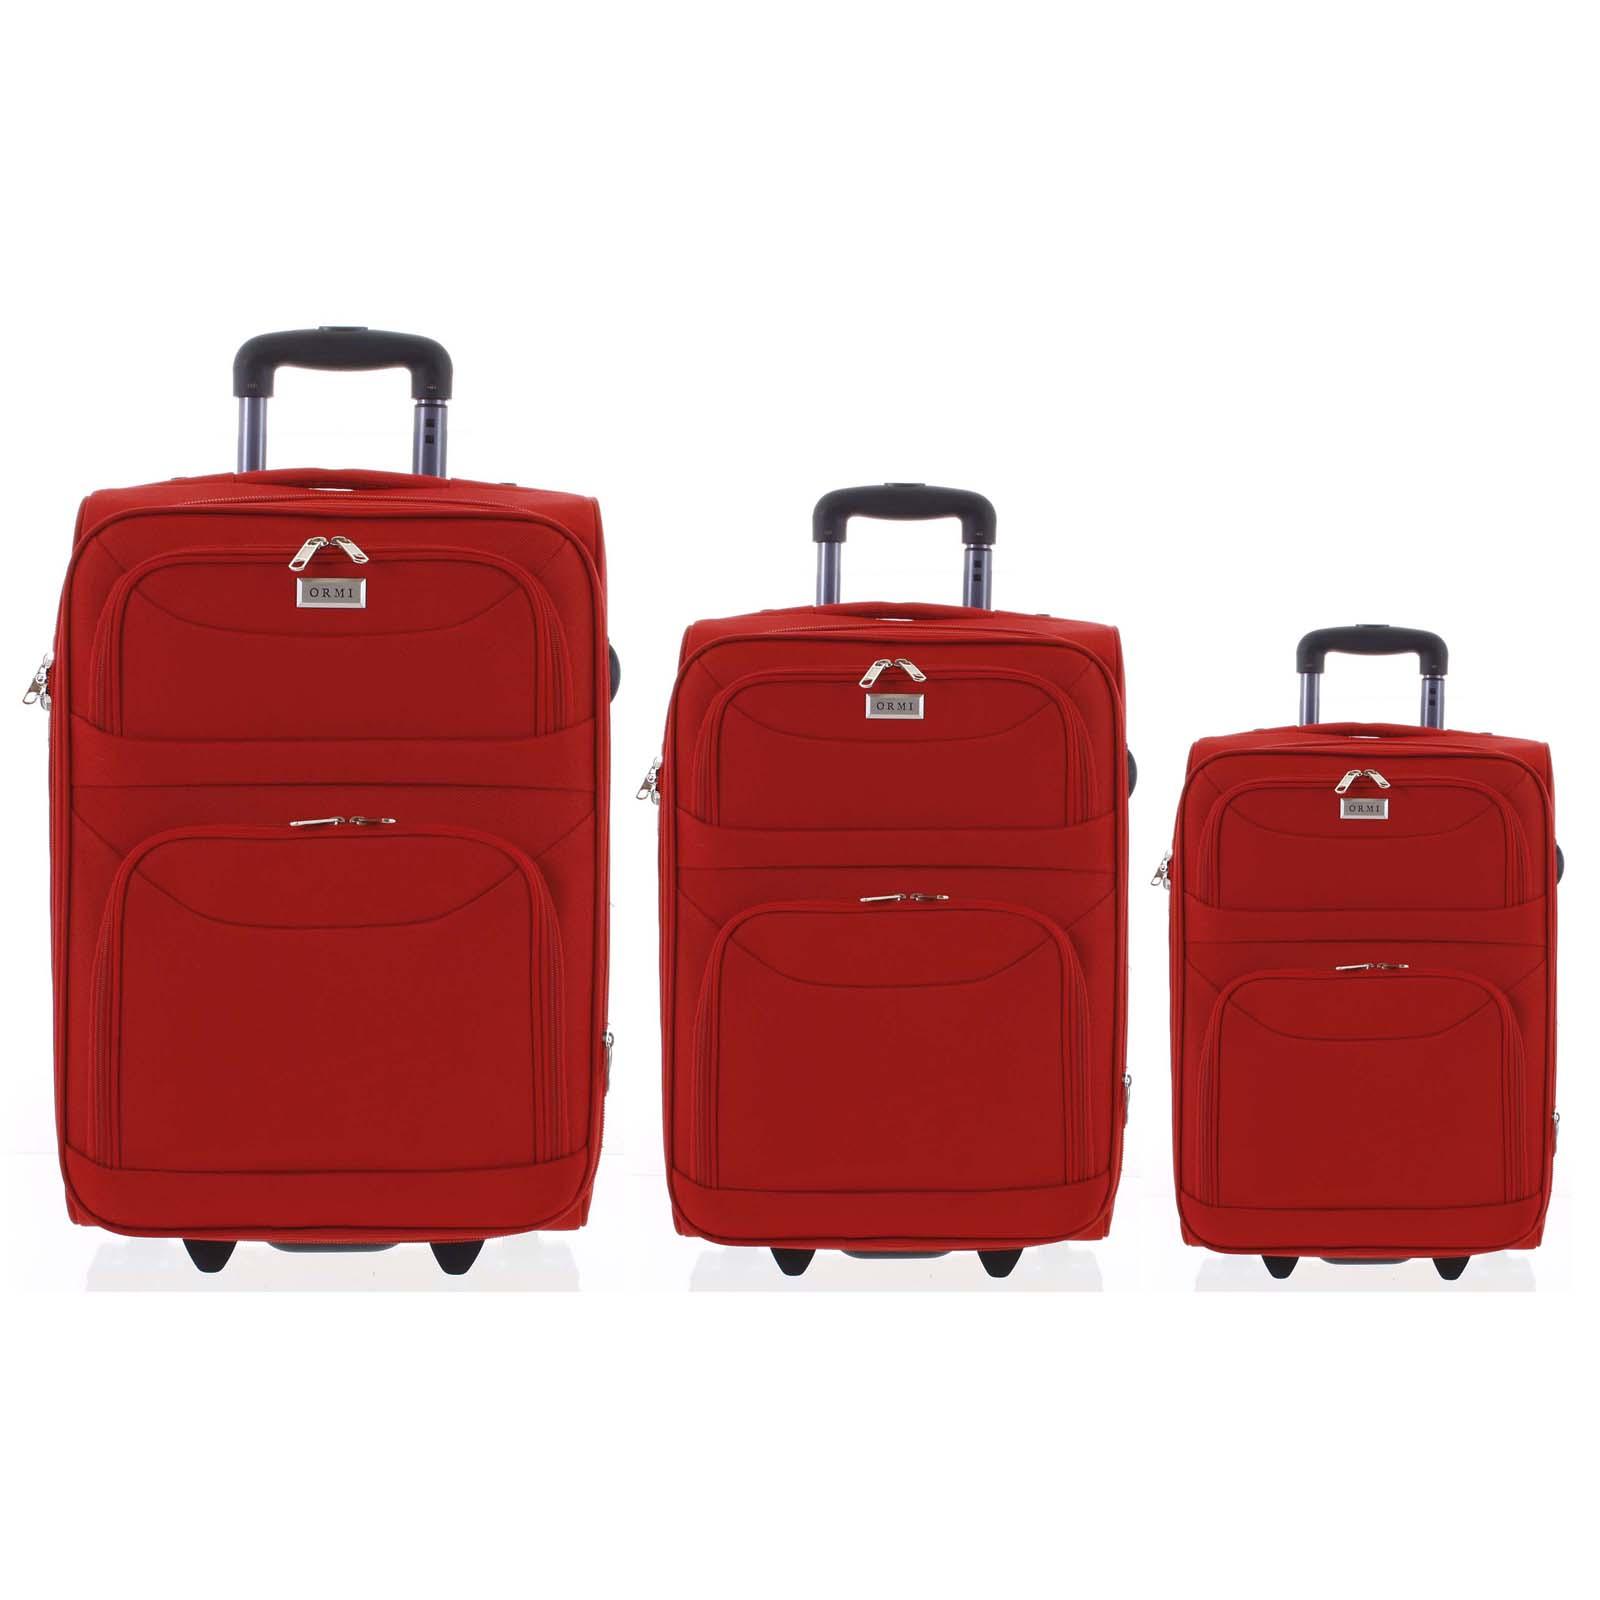 Klasický látkový červený cestovní kufr sada - Ormi Stof S, M, L